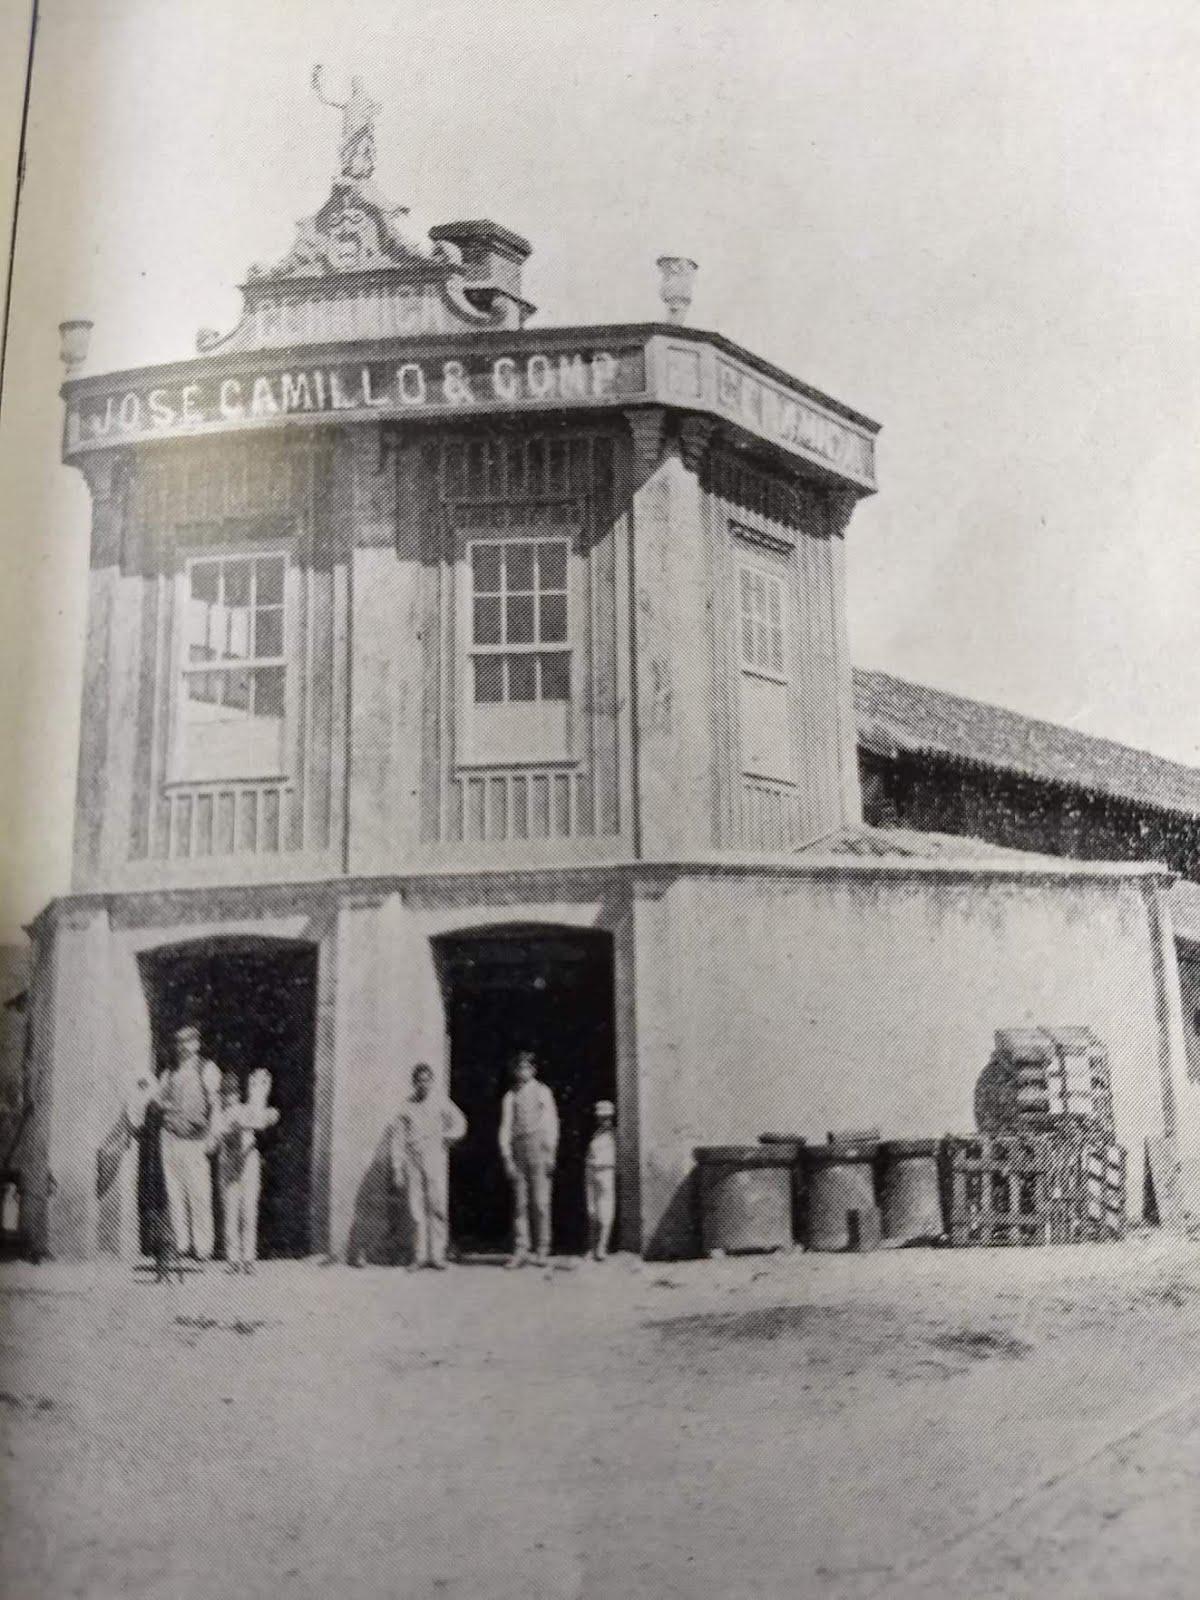 Fachada da Cerâmica Jose Camillo e Companhia em Barbacena